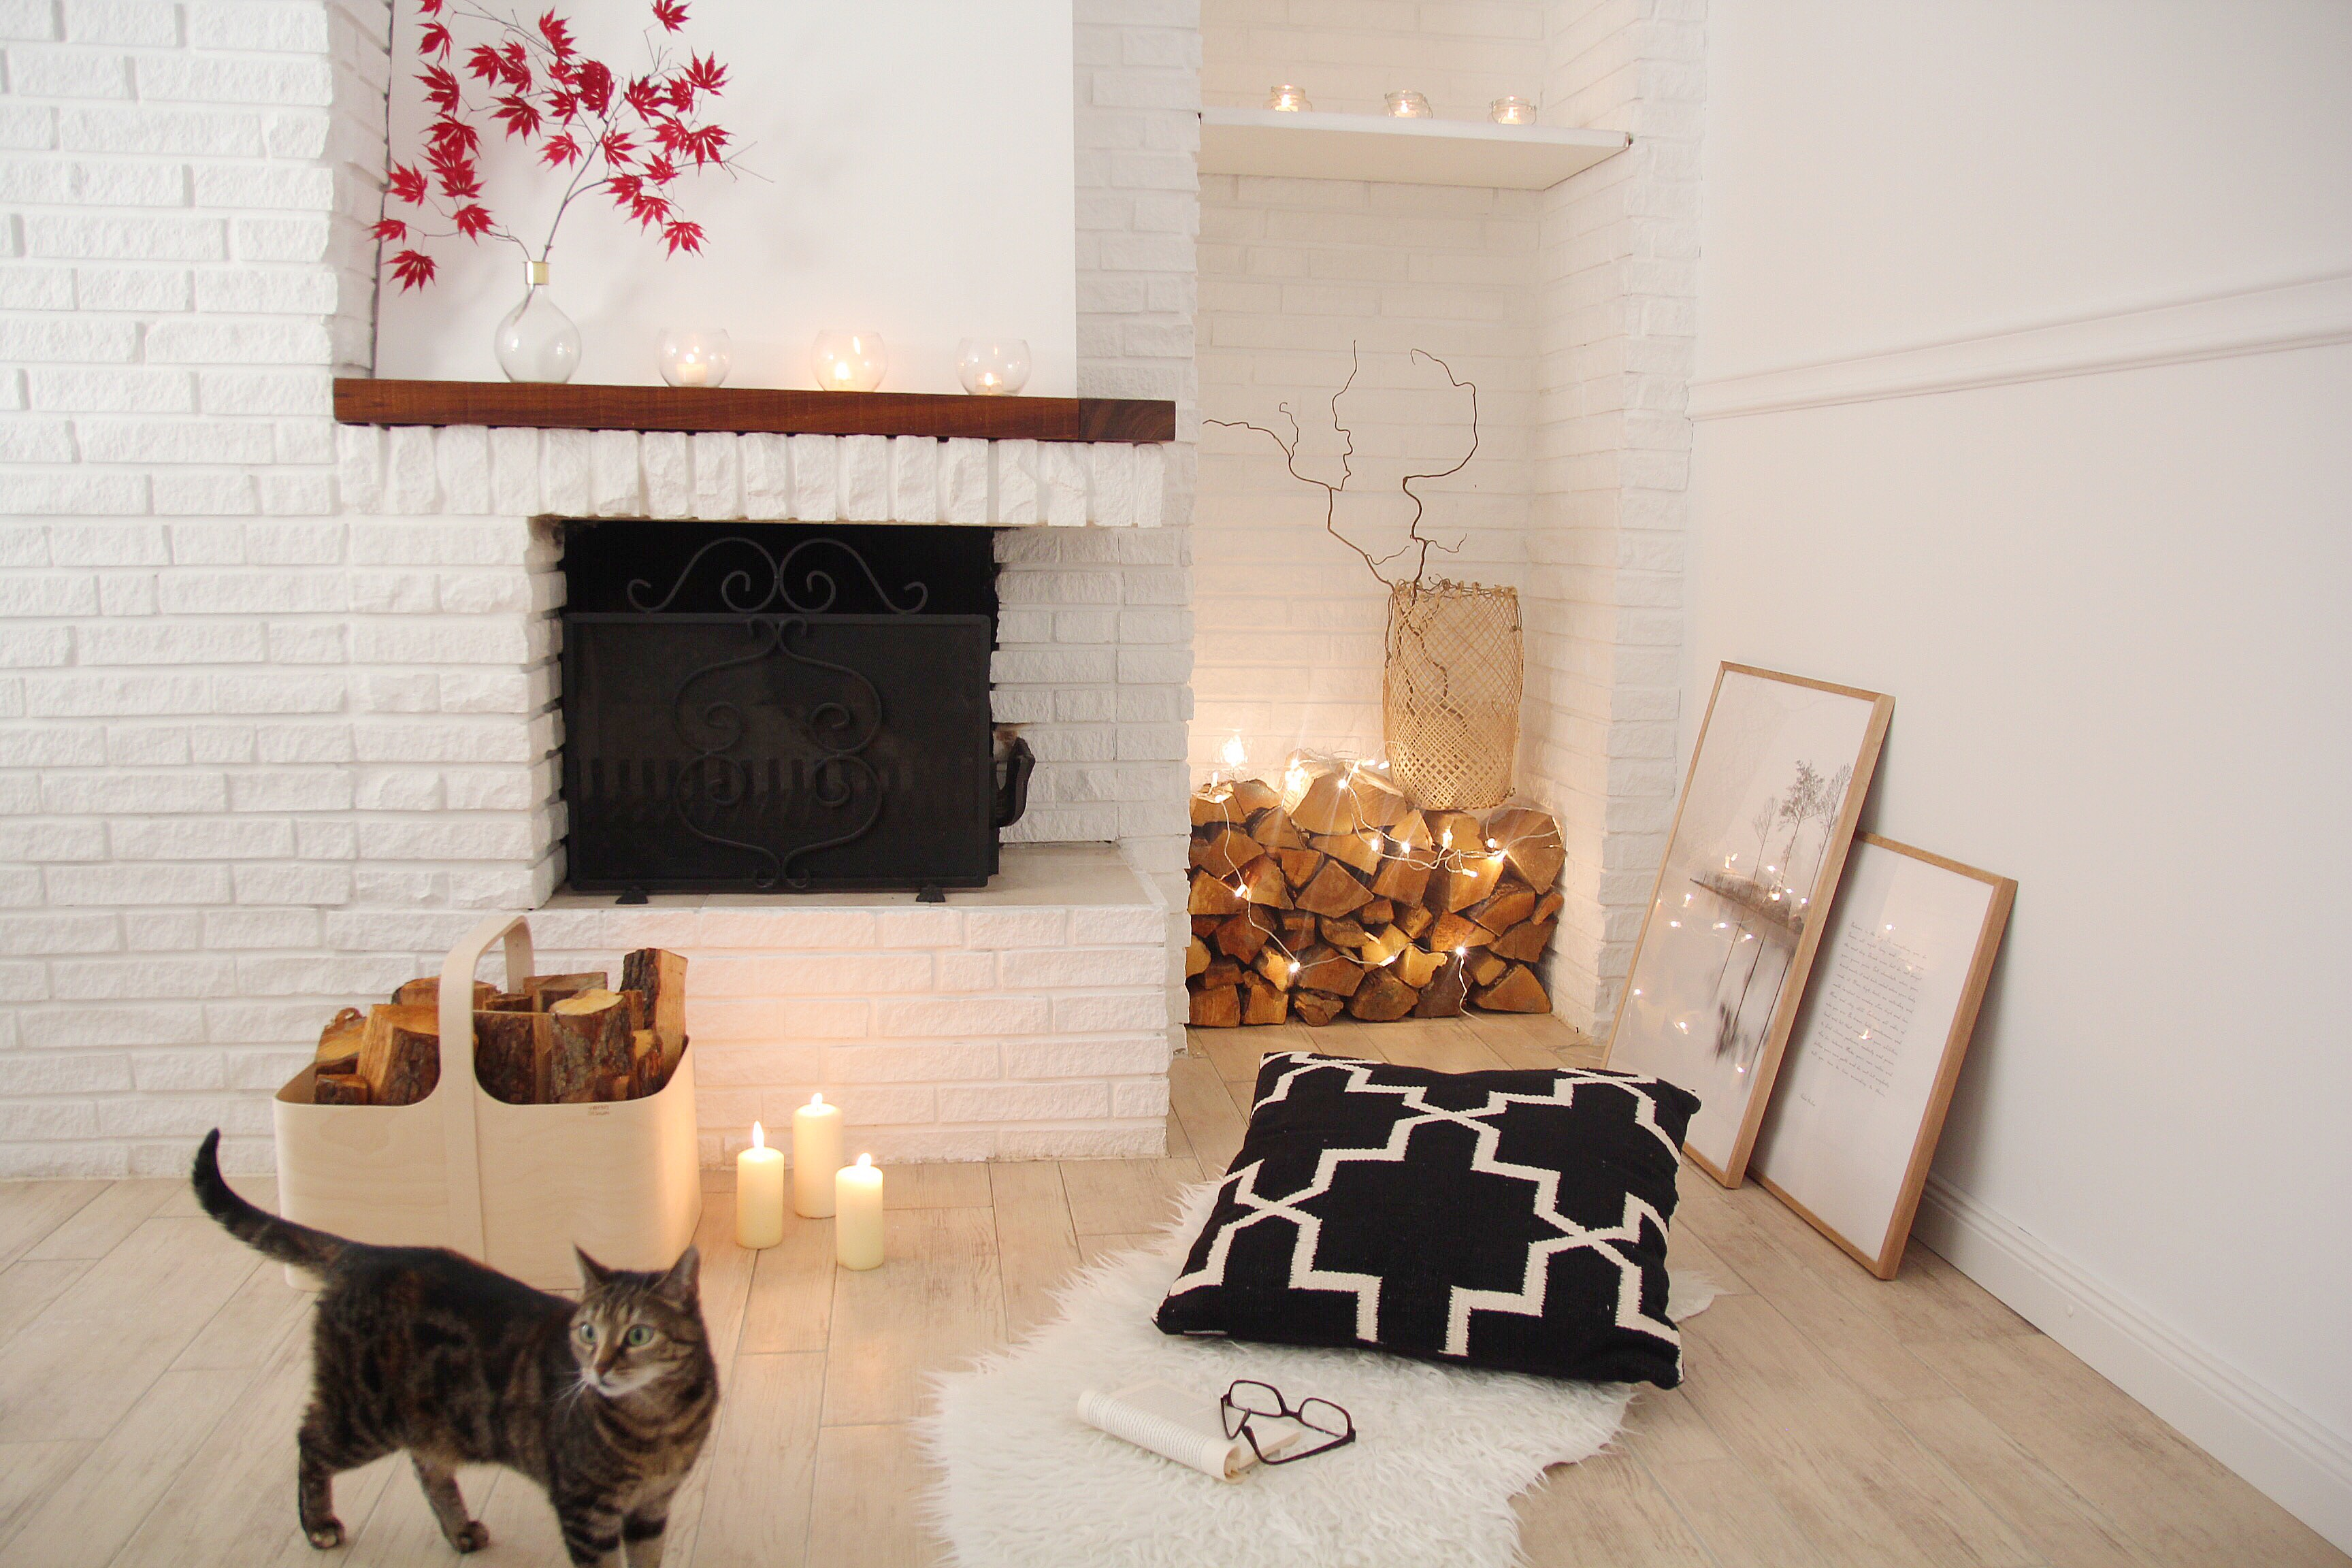 Blickfang Einrichten Wohnzimmer Sammlung Von Das Verbirgt Sich Hinter Dem Hygge-trend: